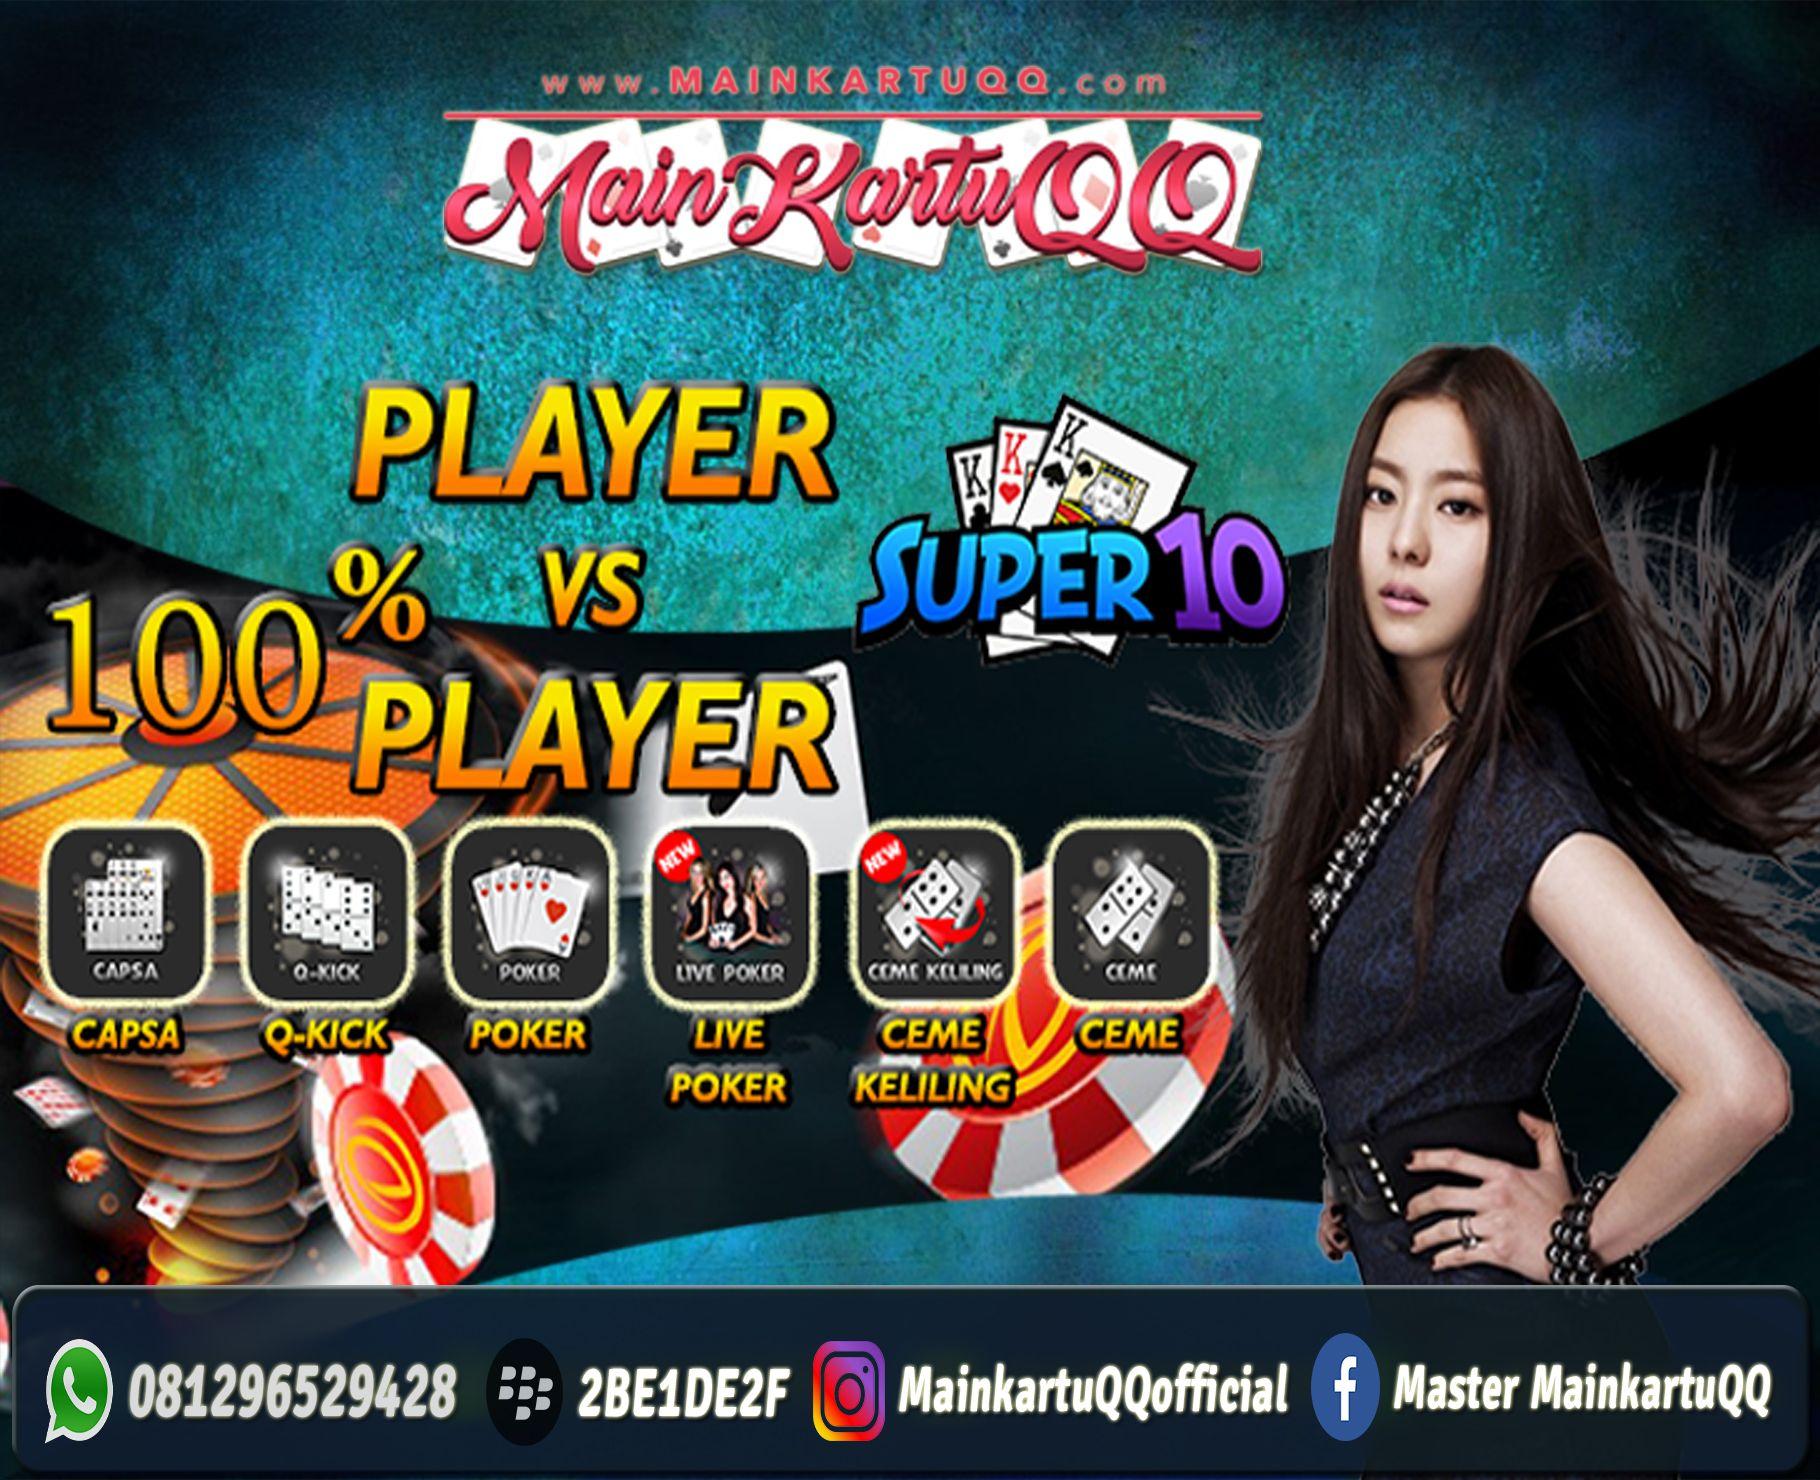 Bingung Mau Pilih Situs Poker Terpercaya Gabung Disini Situs Poker Qq Capsa Ceme Terbaik 2018 1 Min Depo Rp 10 000 2 Bonus New Member 20 Poker Chips Beri